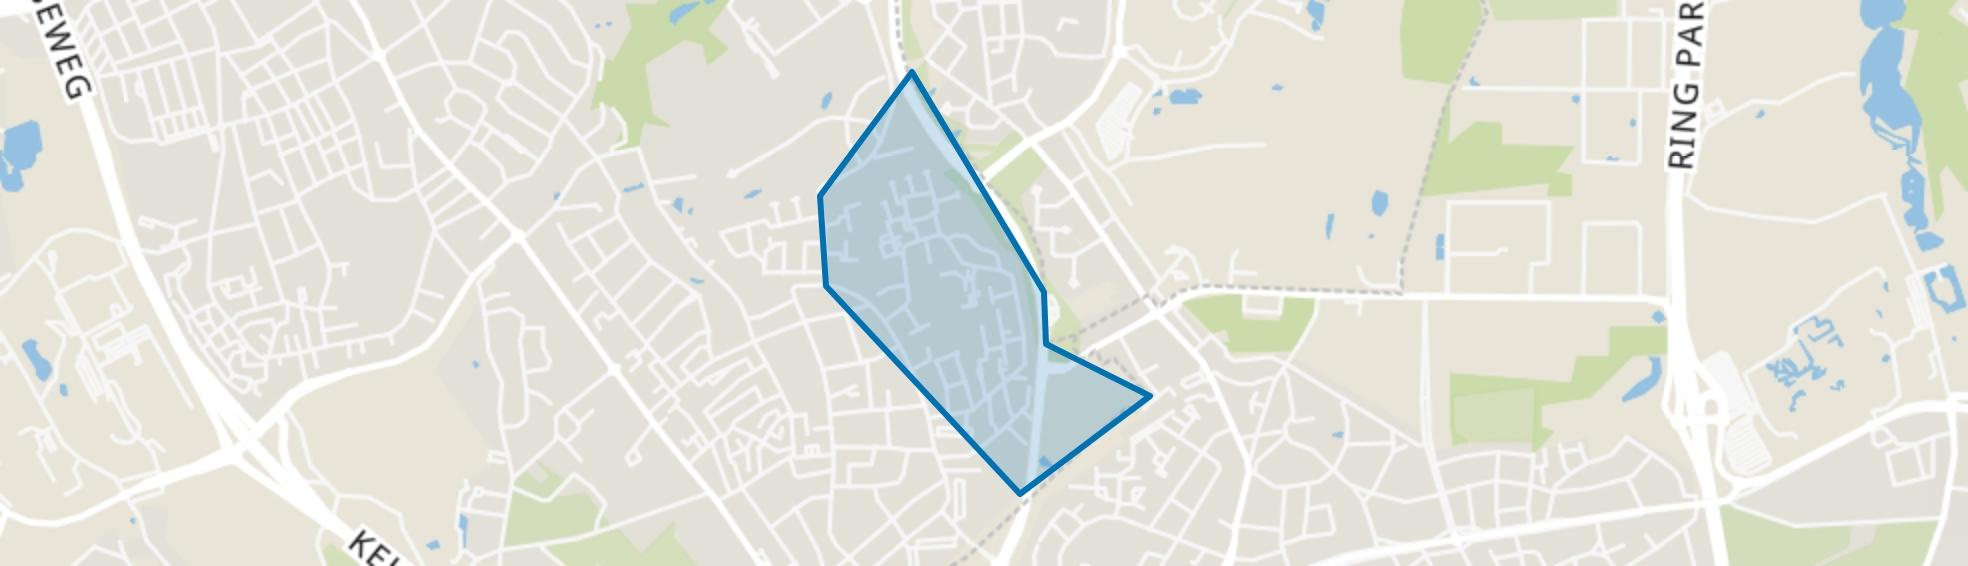 Egstraat en omgeving, Heerlen map